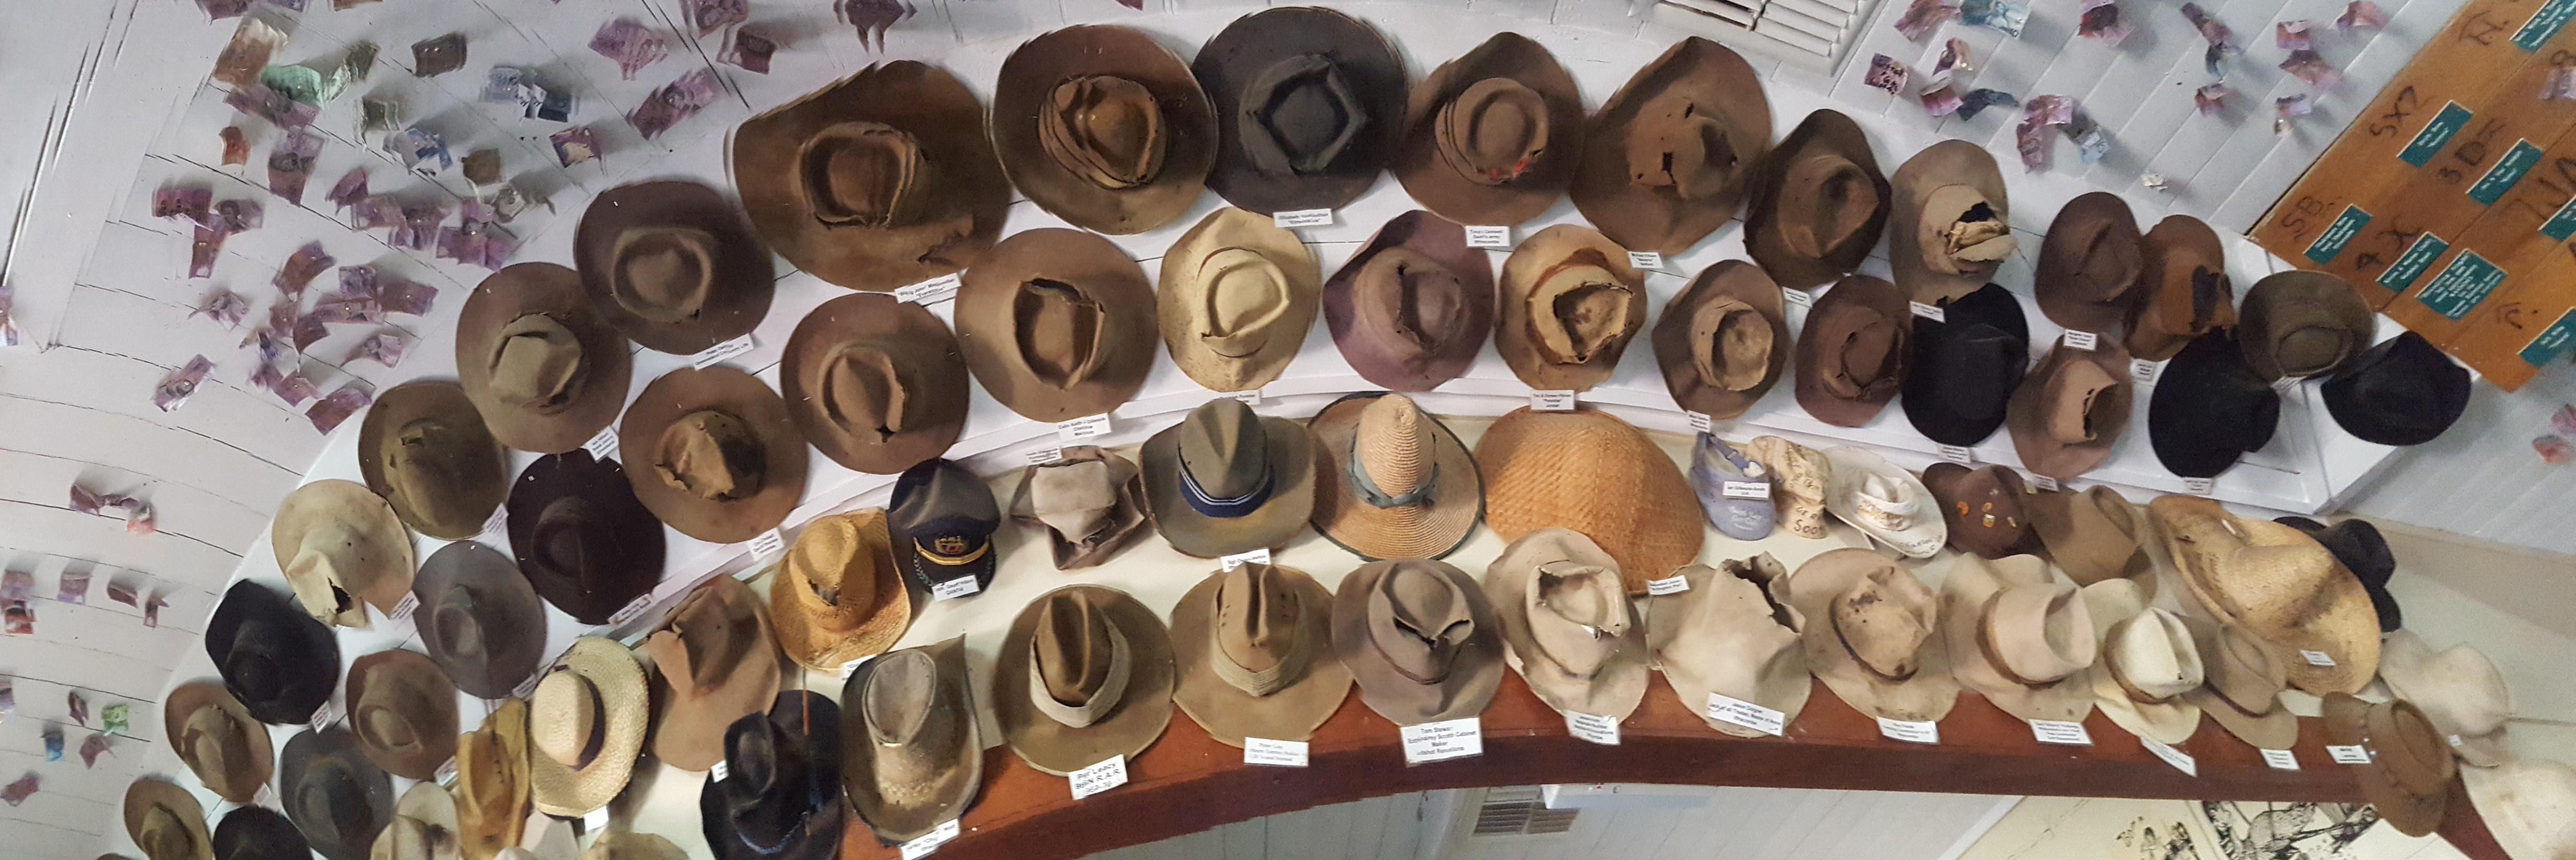 I Left My Hat & 5 Bucks in an Aussie